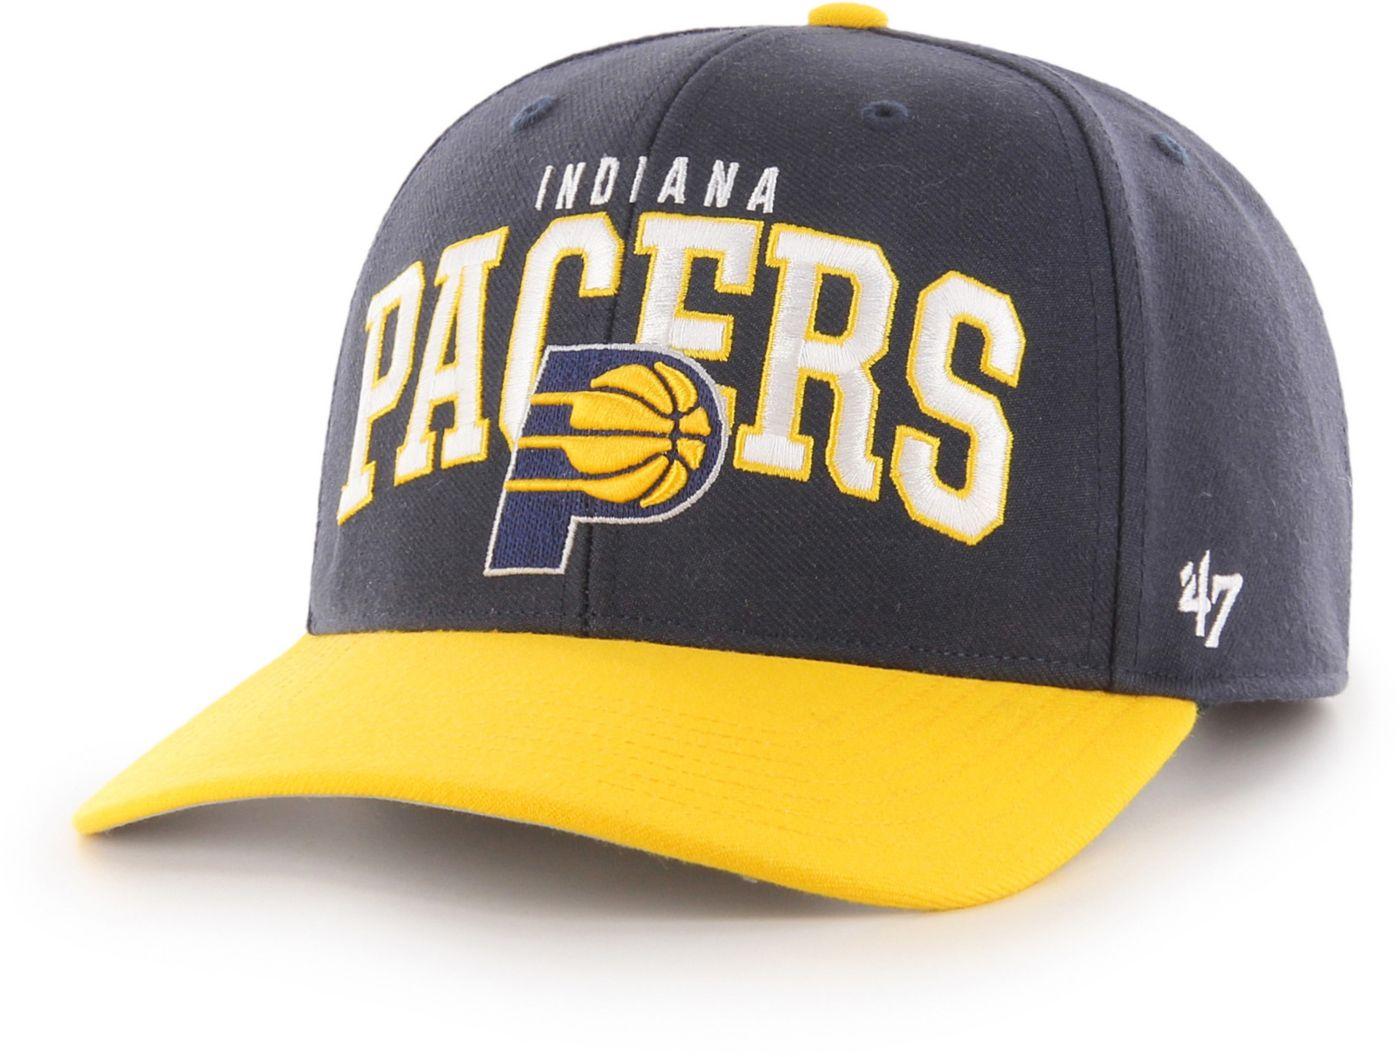 47 Men's Indiana Pacers MVP Adjustable Hat